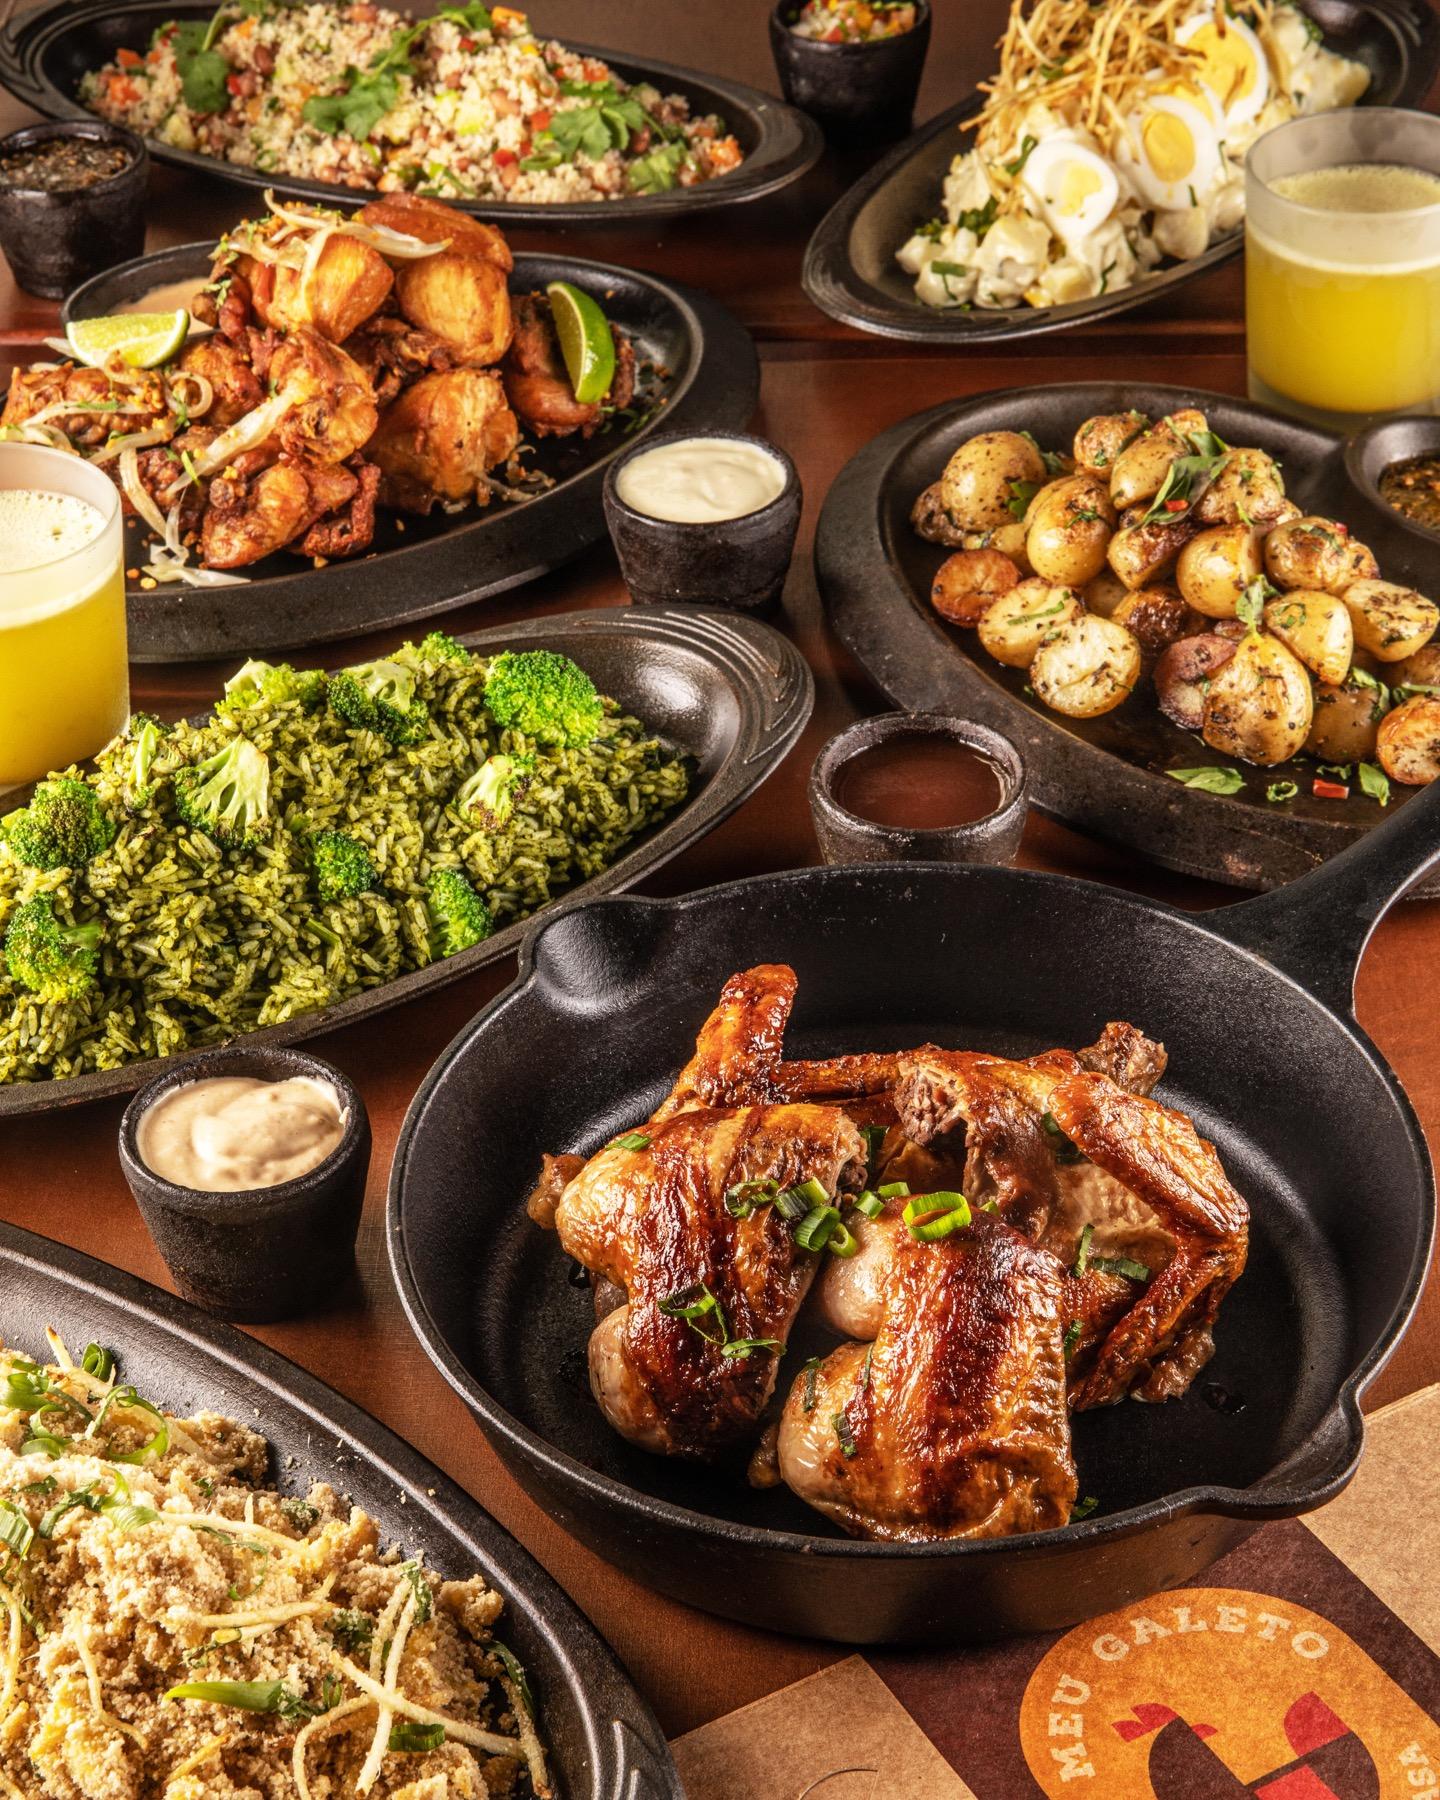 """O galeto na brasa é um delivery do Chef peruano Marco Espinoza. A marca """"Meu Galeto na Brasa"""", com serviço exclusivo pelo delivery, oferece o galeto preparado na brasa, feito com um tempero especial.  Entre as opções, galeto inteiro com 2 molhos da preferência do cliente (R$45); meio galeto + 2 acompanhamentos (R$26); Galeto Na Brasa (para 4 pessoas) – 1 galeto inteiro + arroz chaufa + batatas + salada da casa e vinagrete (R$89).  Para acompanhar o Galeto, arroz biru biru, arroz maluco, arroz com brócolis, arroz branco, farofa de ovo, purê de batata, aalada tradicional e salada de maionese de batata."""